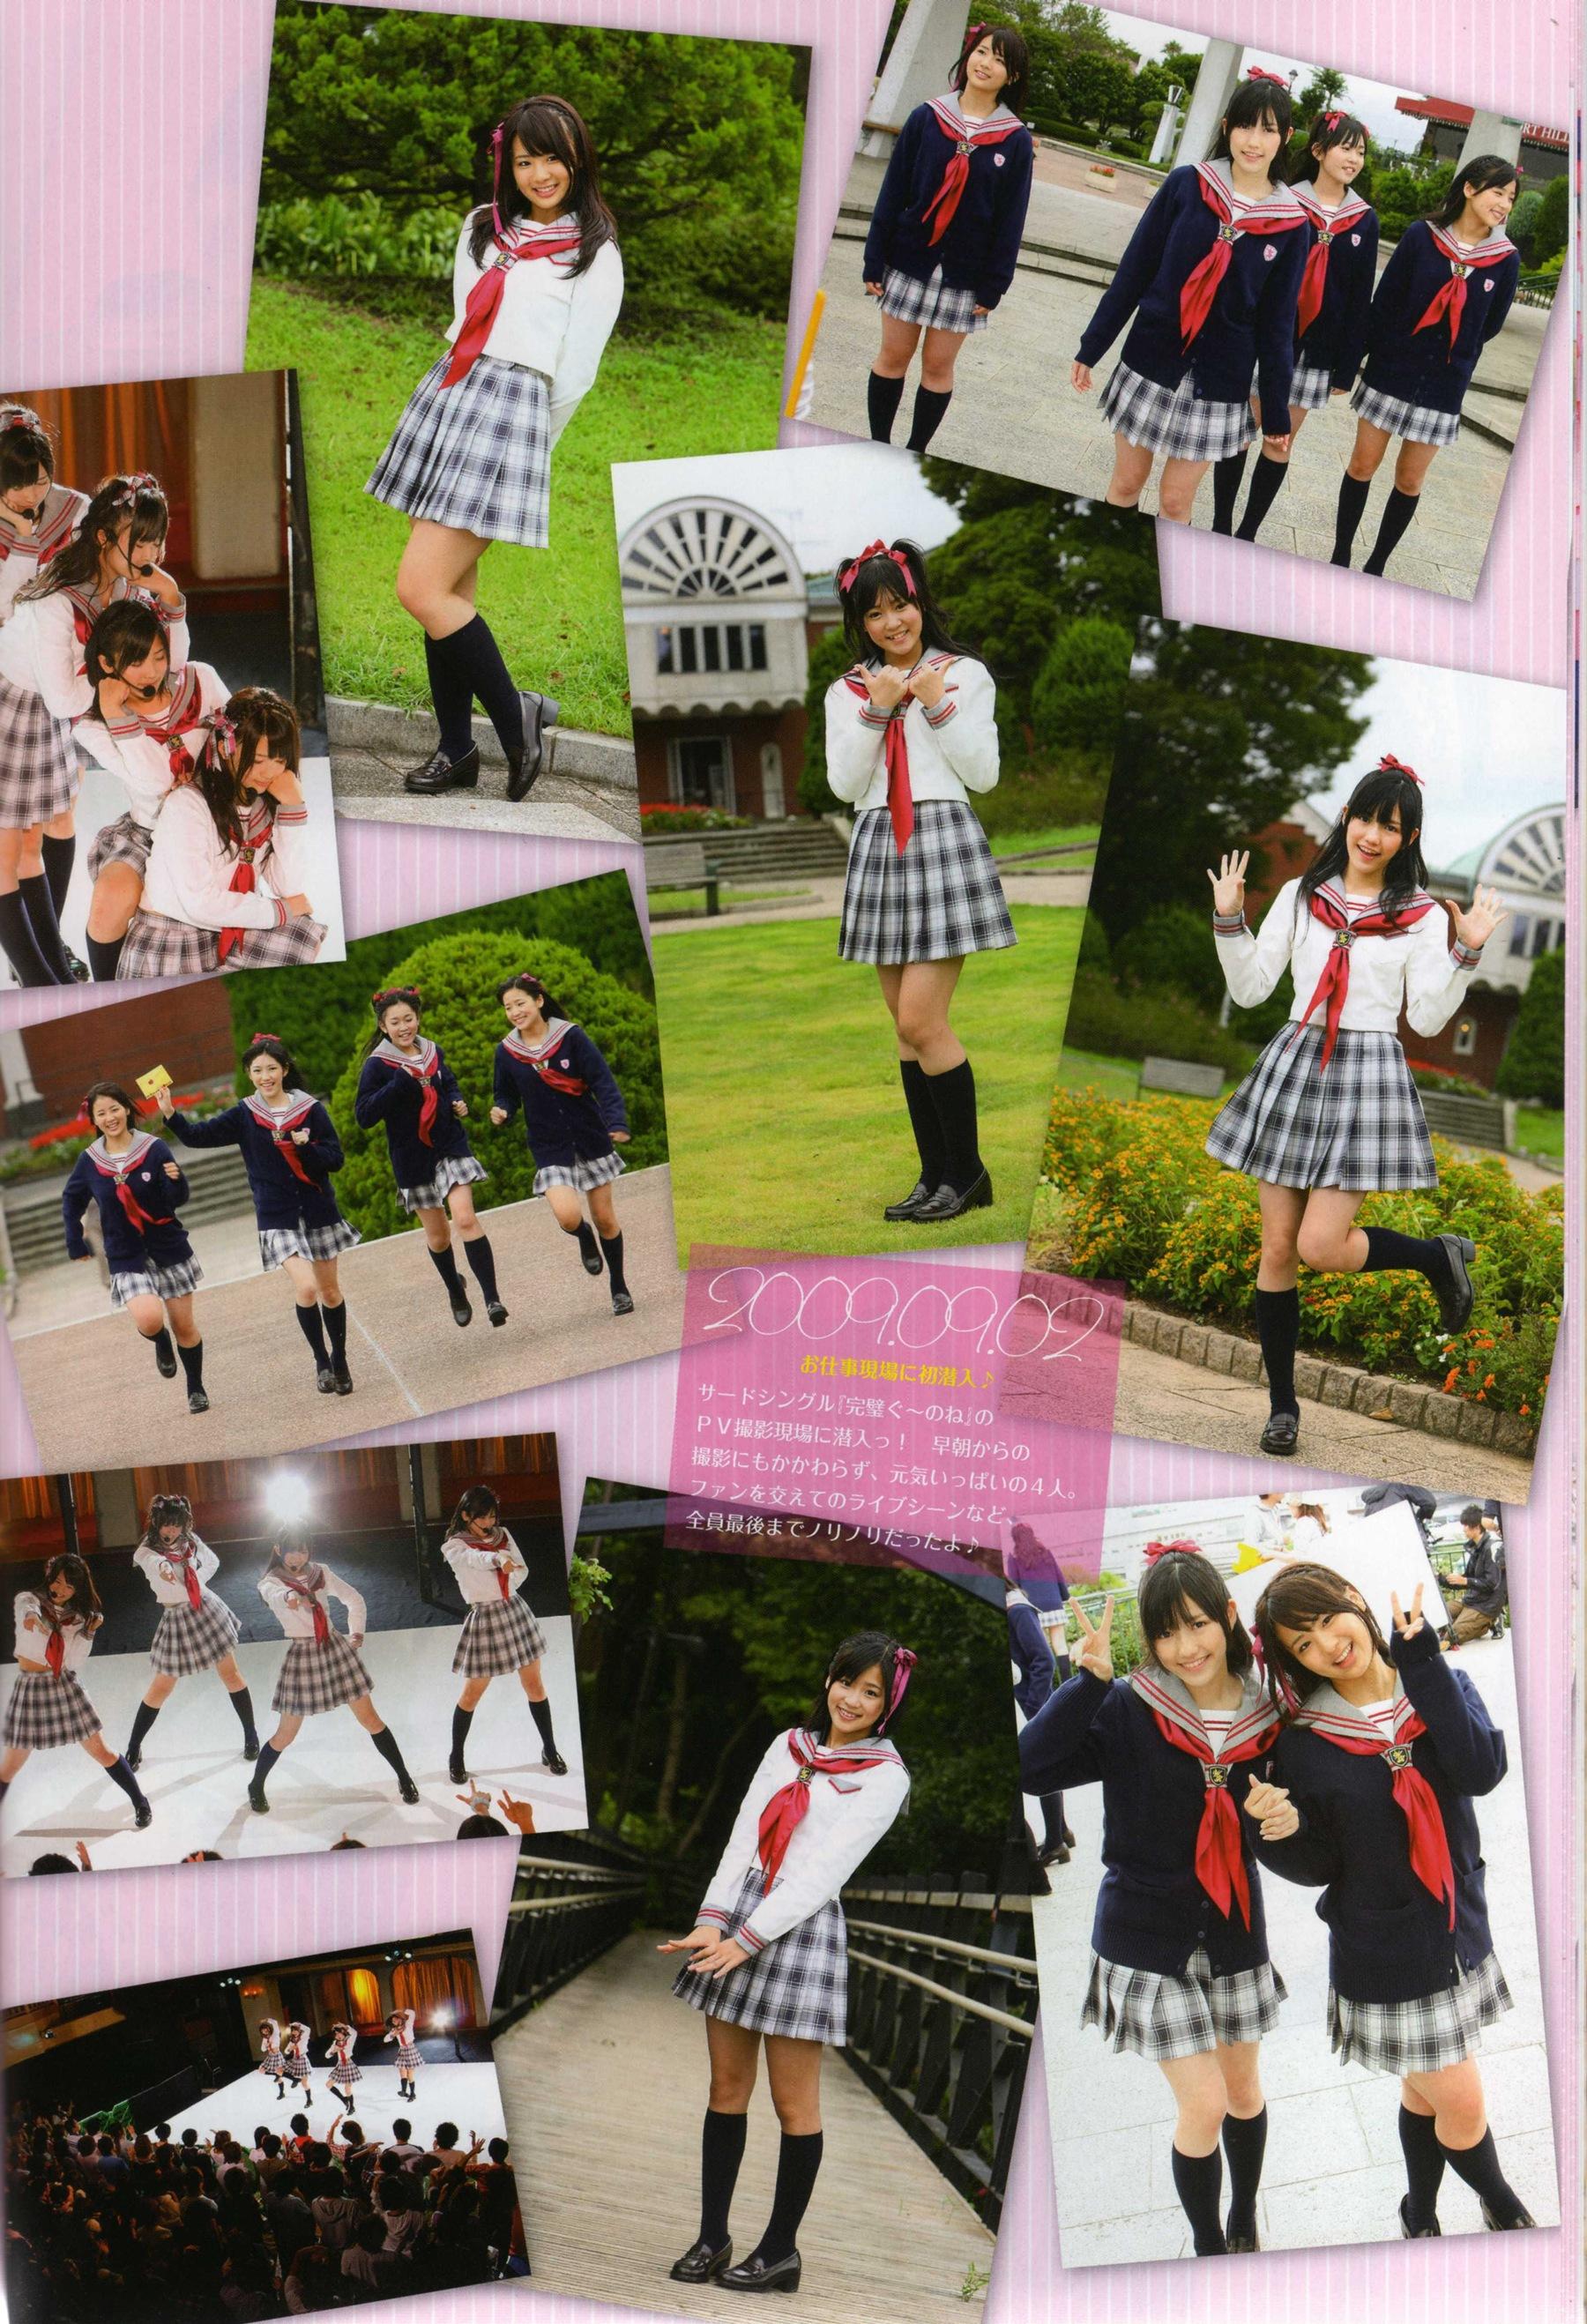 Watari034.jpg